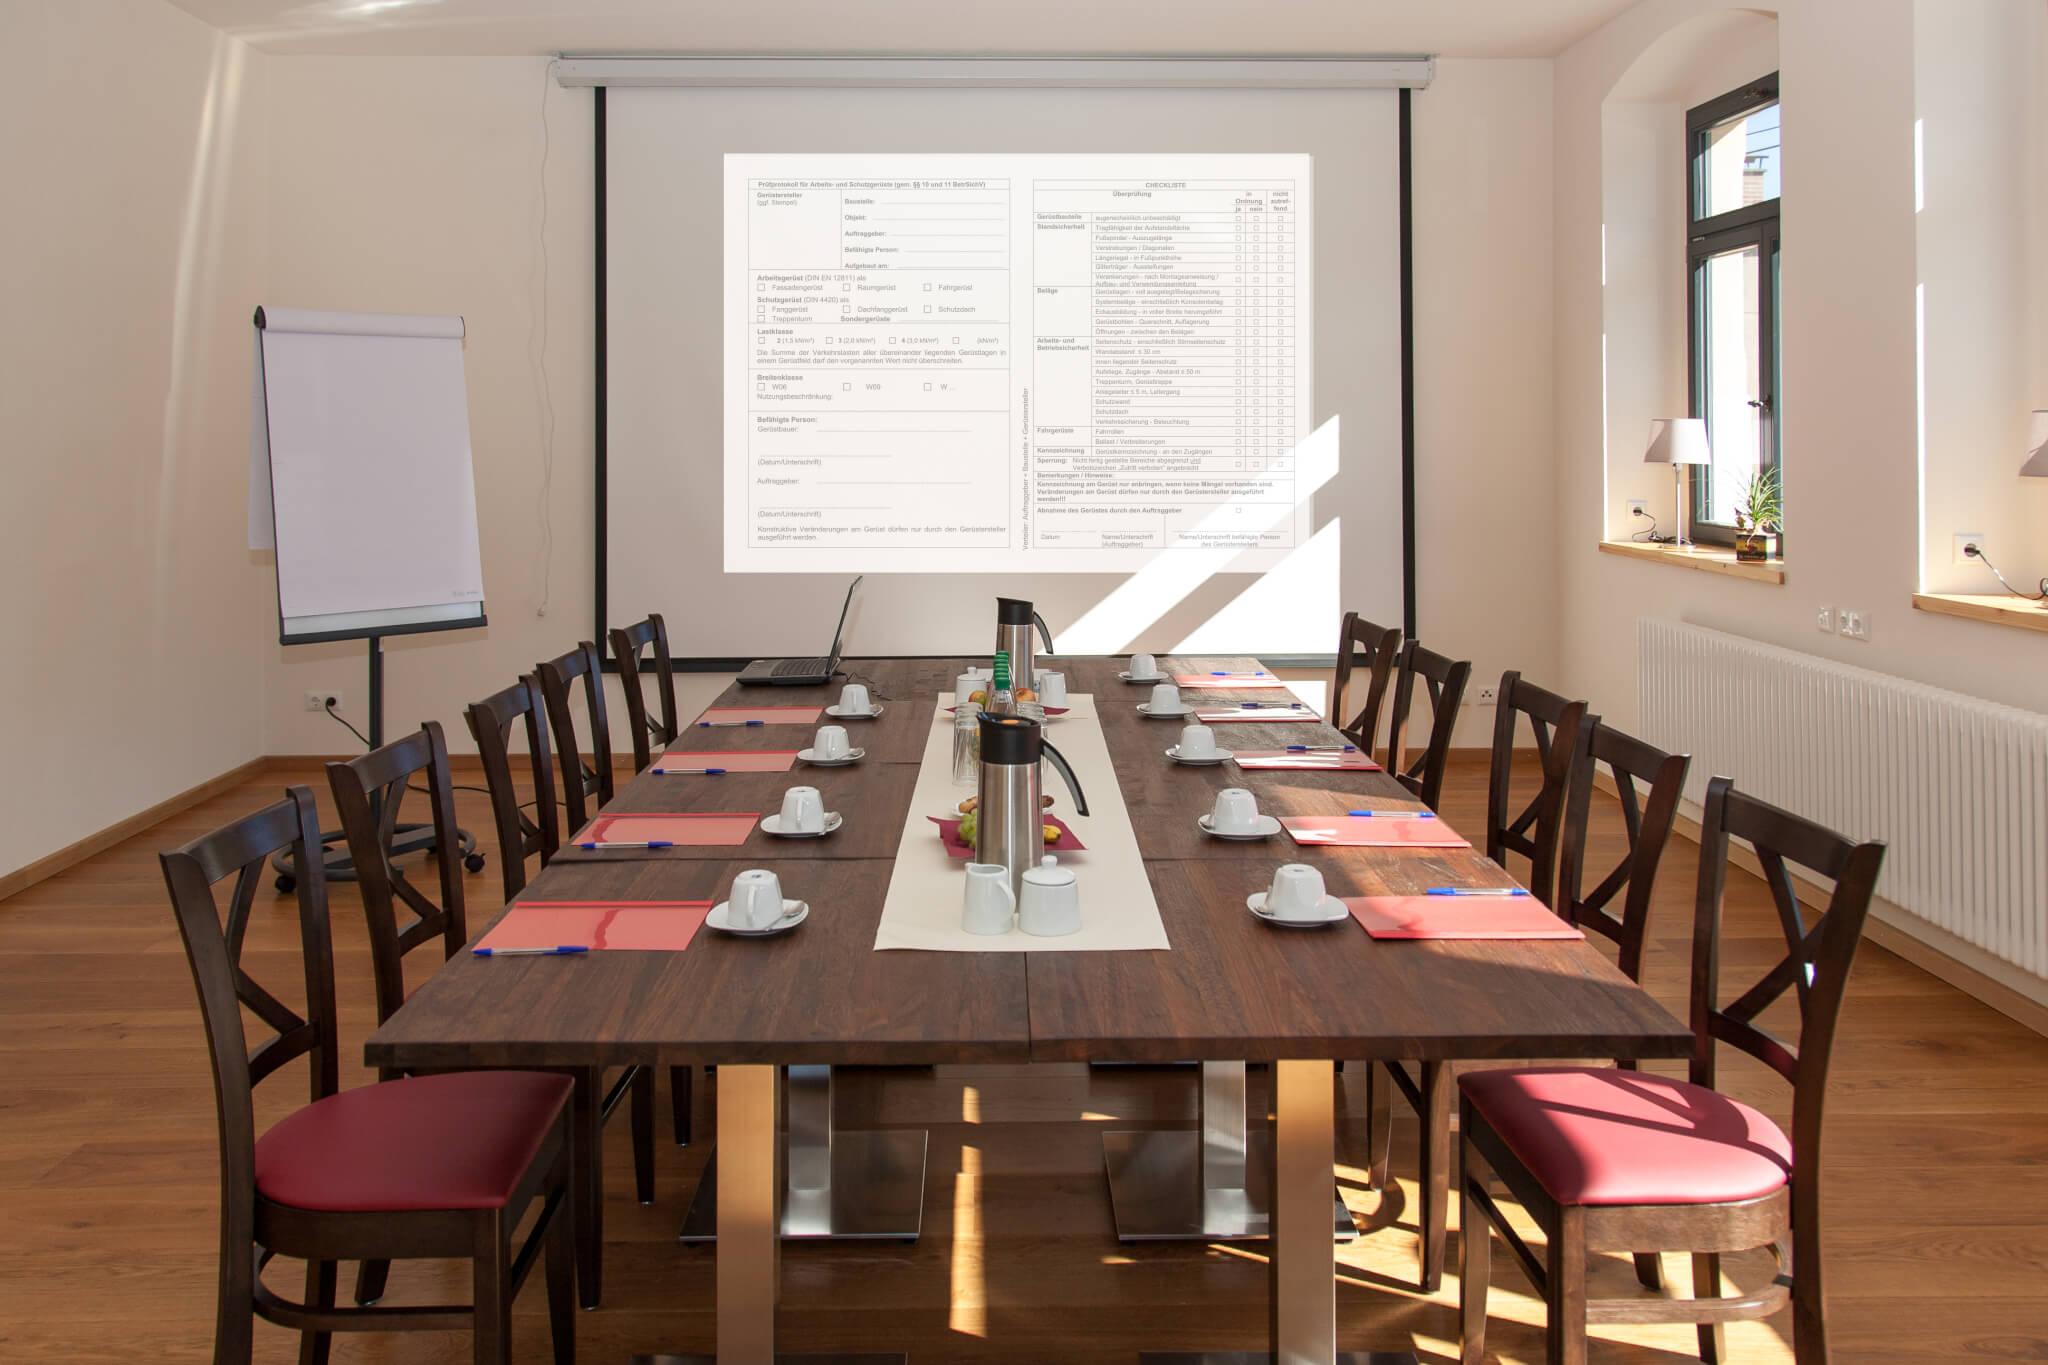 Hotel Turmschule - Einblick in den Veranstaltungsraum - Meeting